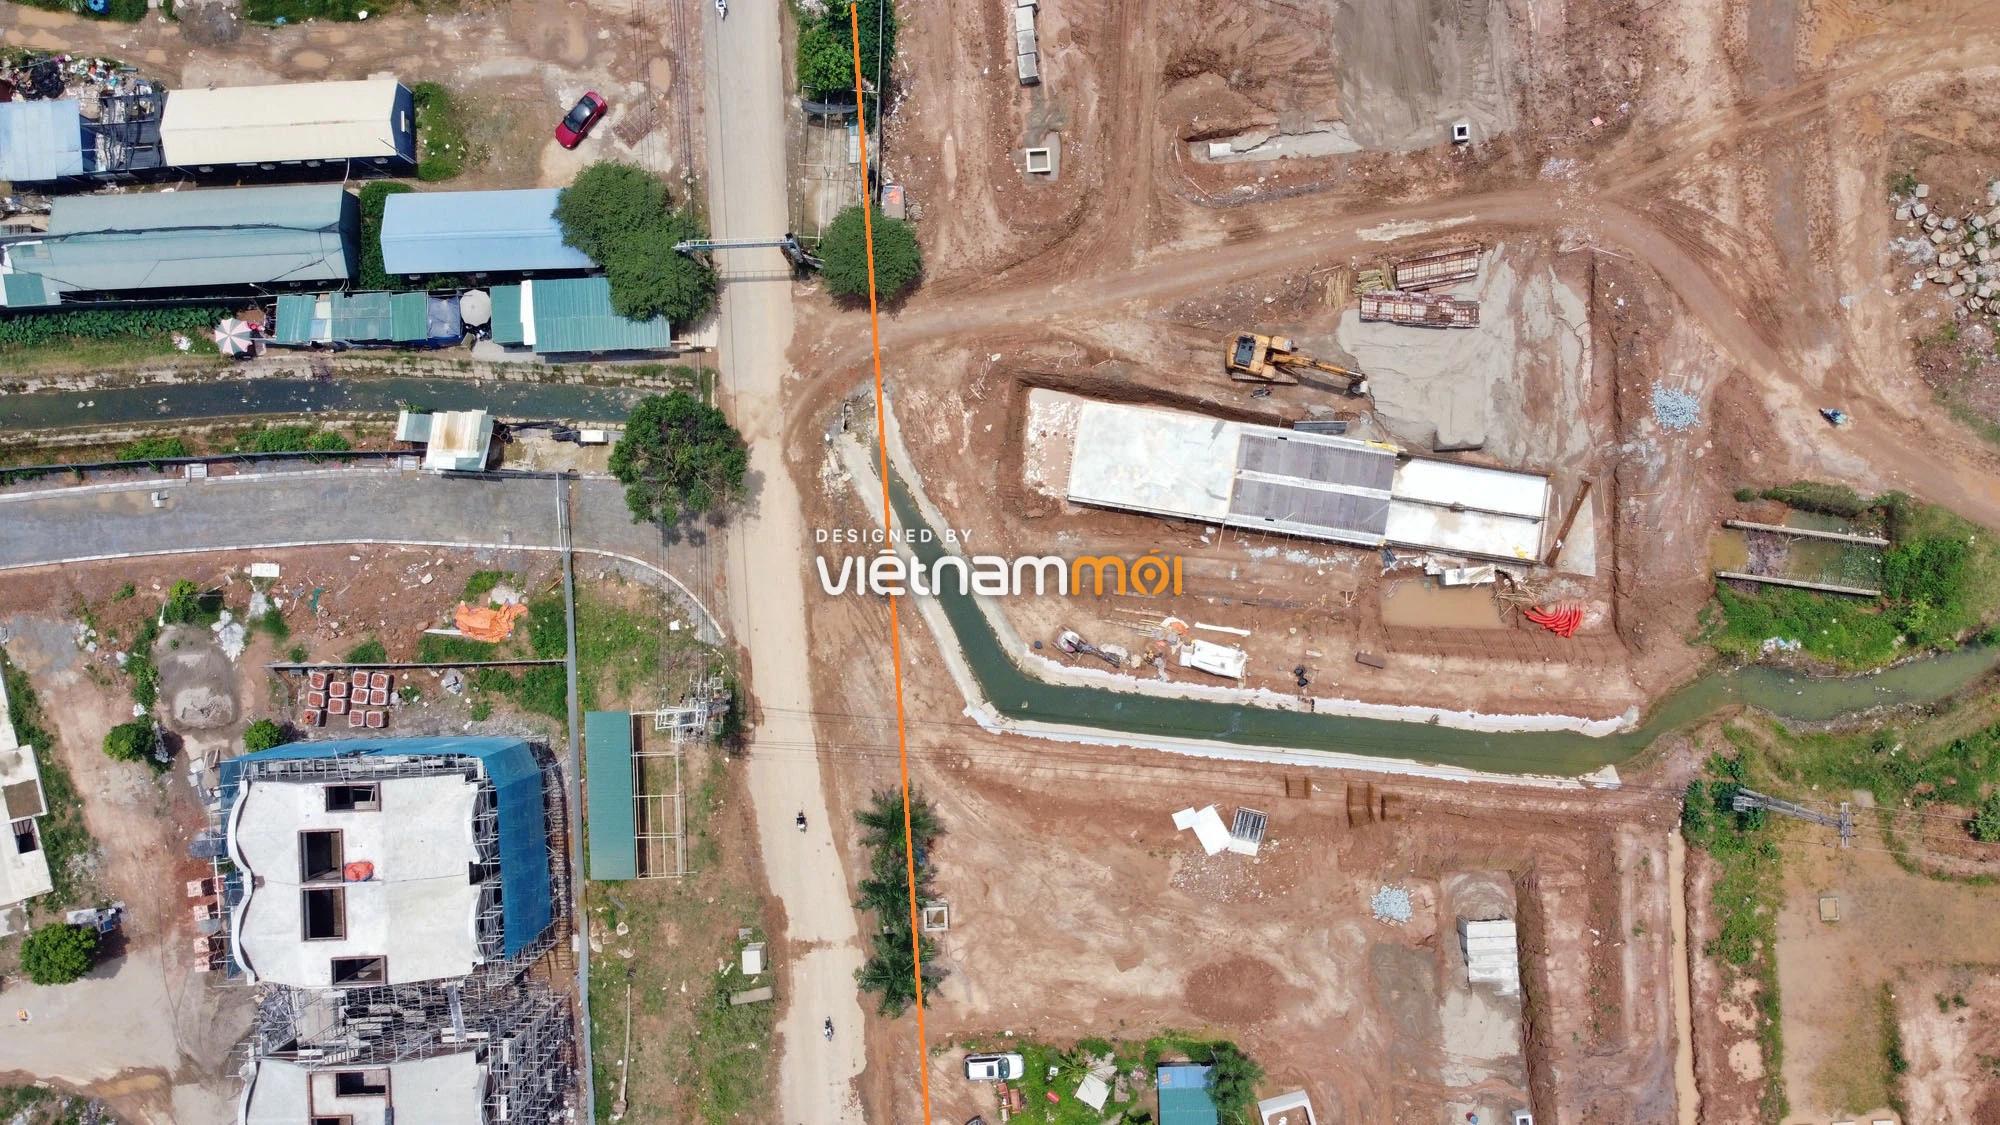 Toàn cảnh đường nối Đại lộ Thăng Long - tỉnh lộ 423 qua KĐT Nam An Khánh đang mở theo quy hoạch ở Hà Nội - Ảnh 7.